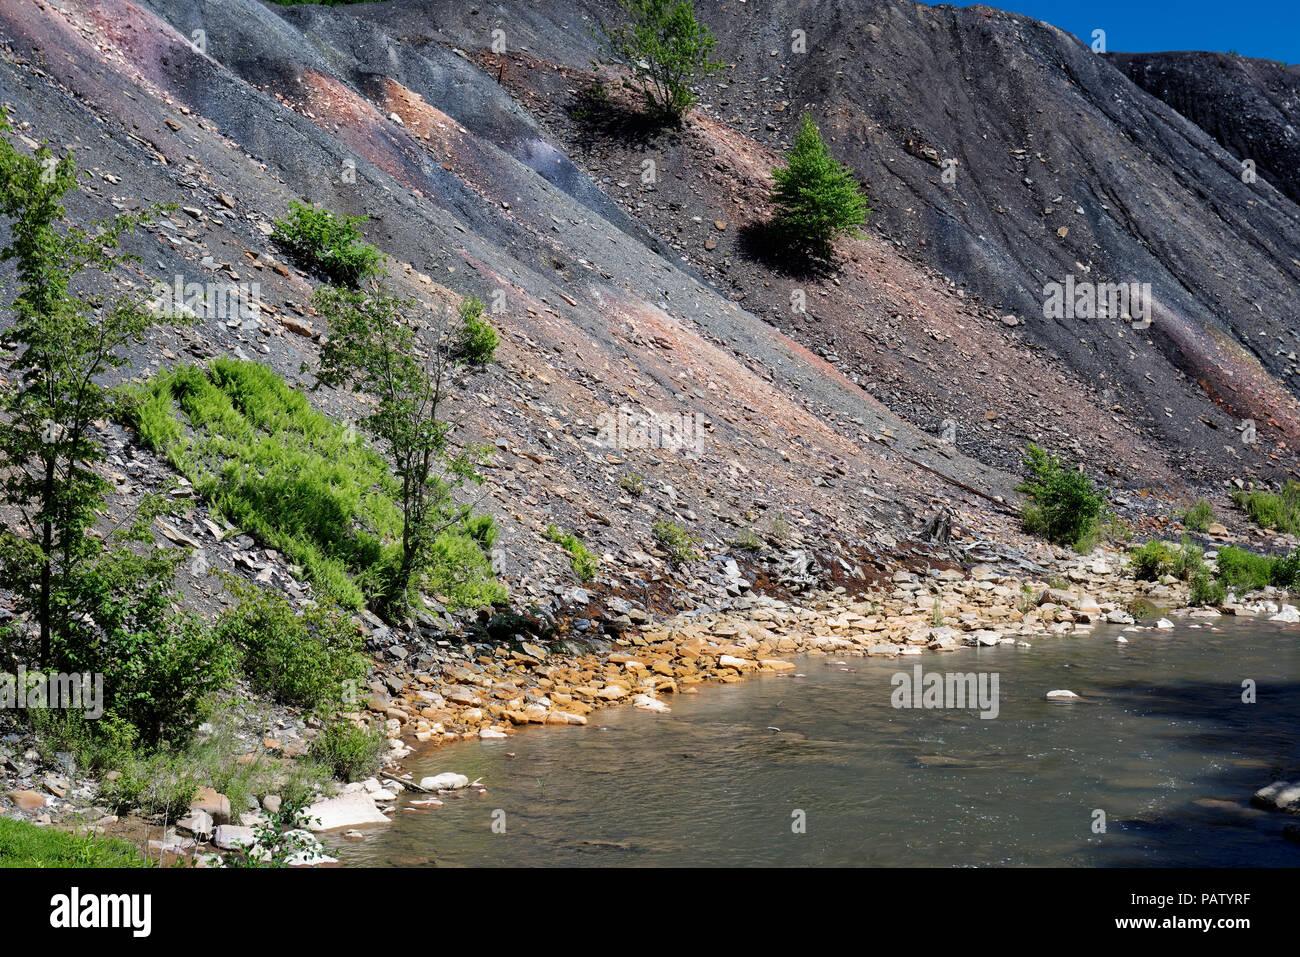 Kohle Grube Rückstände Abfälle verwöhnen Stapel neben einem Bach mit orangefarbenen Felsen, Umweltschäden durch giftige Verunreinigung und Acid Mine Drainage. Stockbild